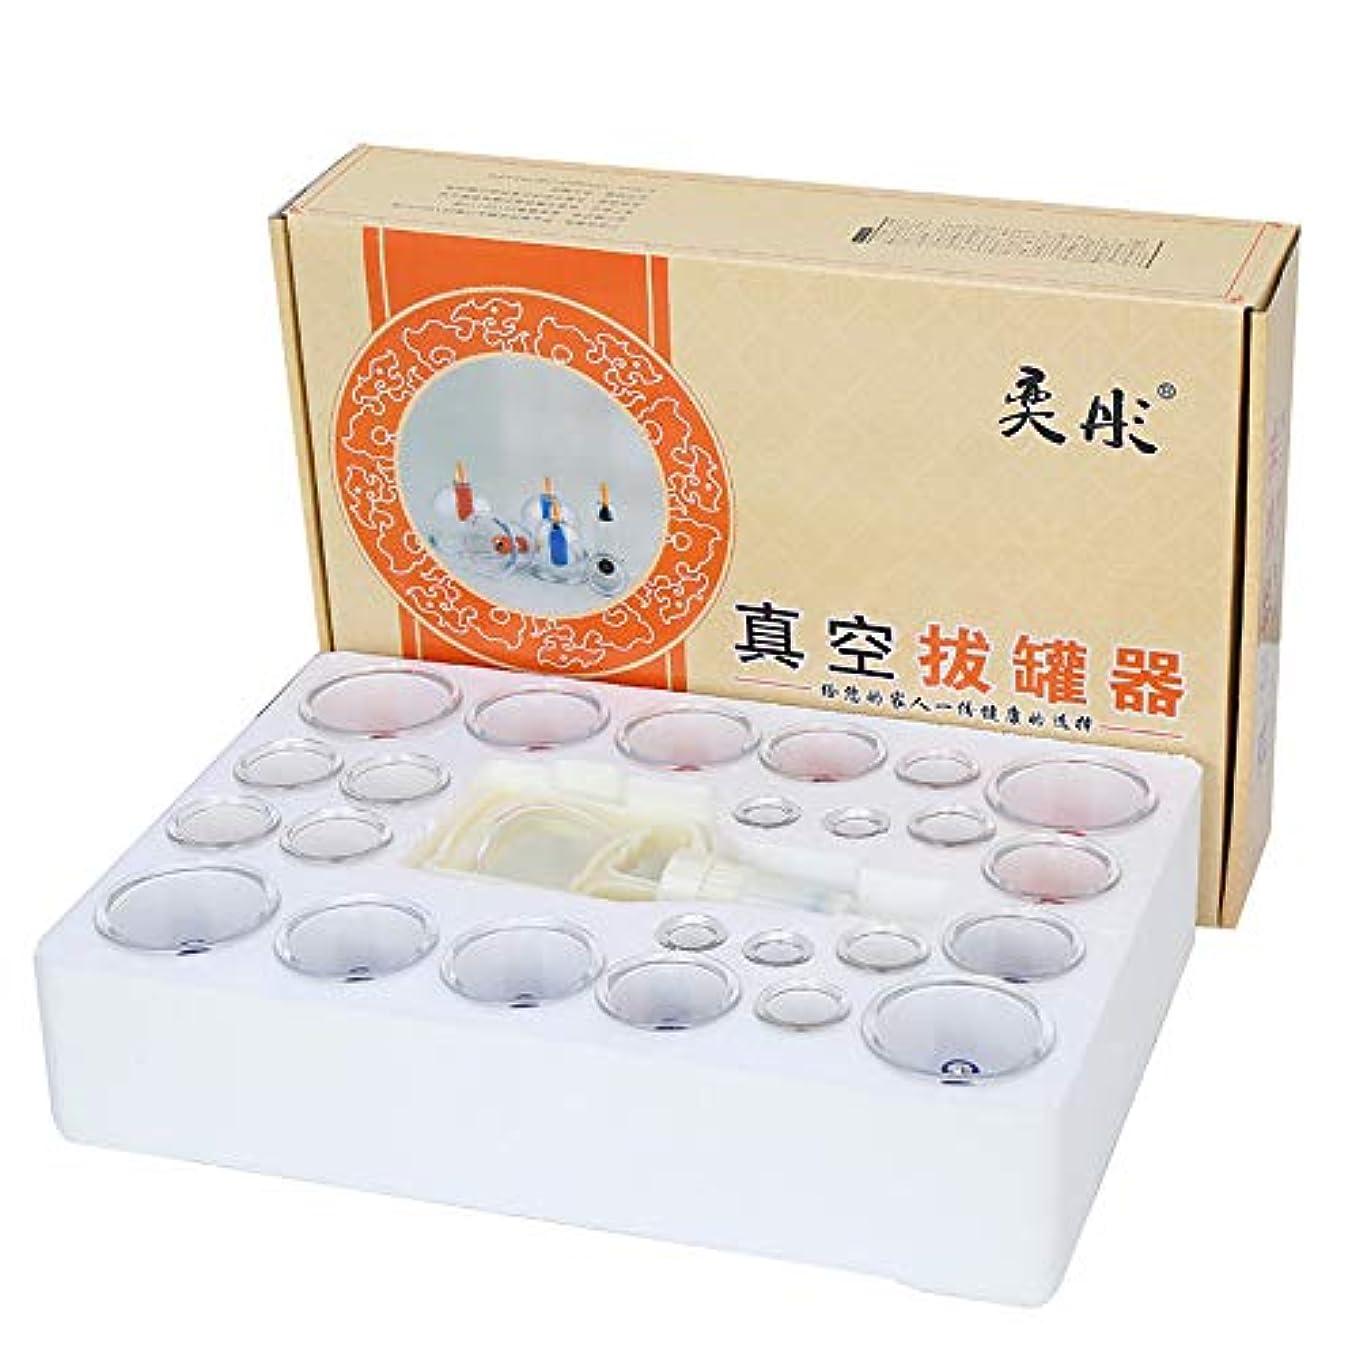 視力お香生物学ホーム中国製カッピング装置、背中/首の痛み/体重減少/リリーフ筋肉用の吸引ハンドル付き24個の磁気真空吸引カップ